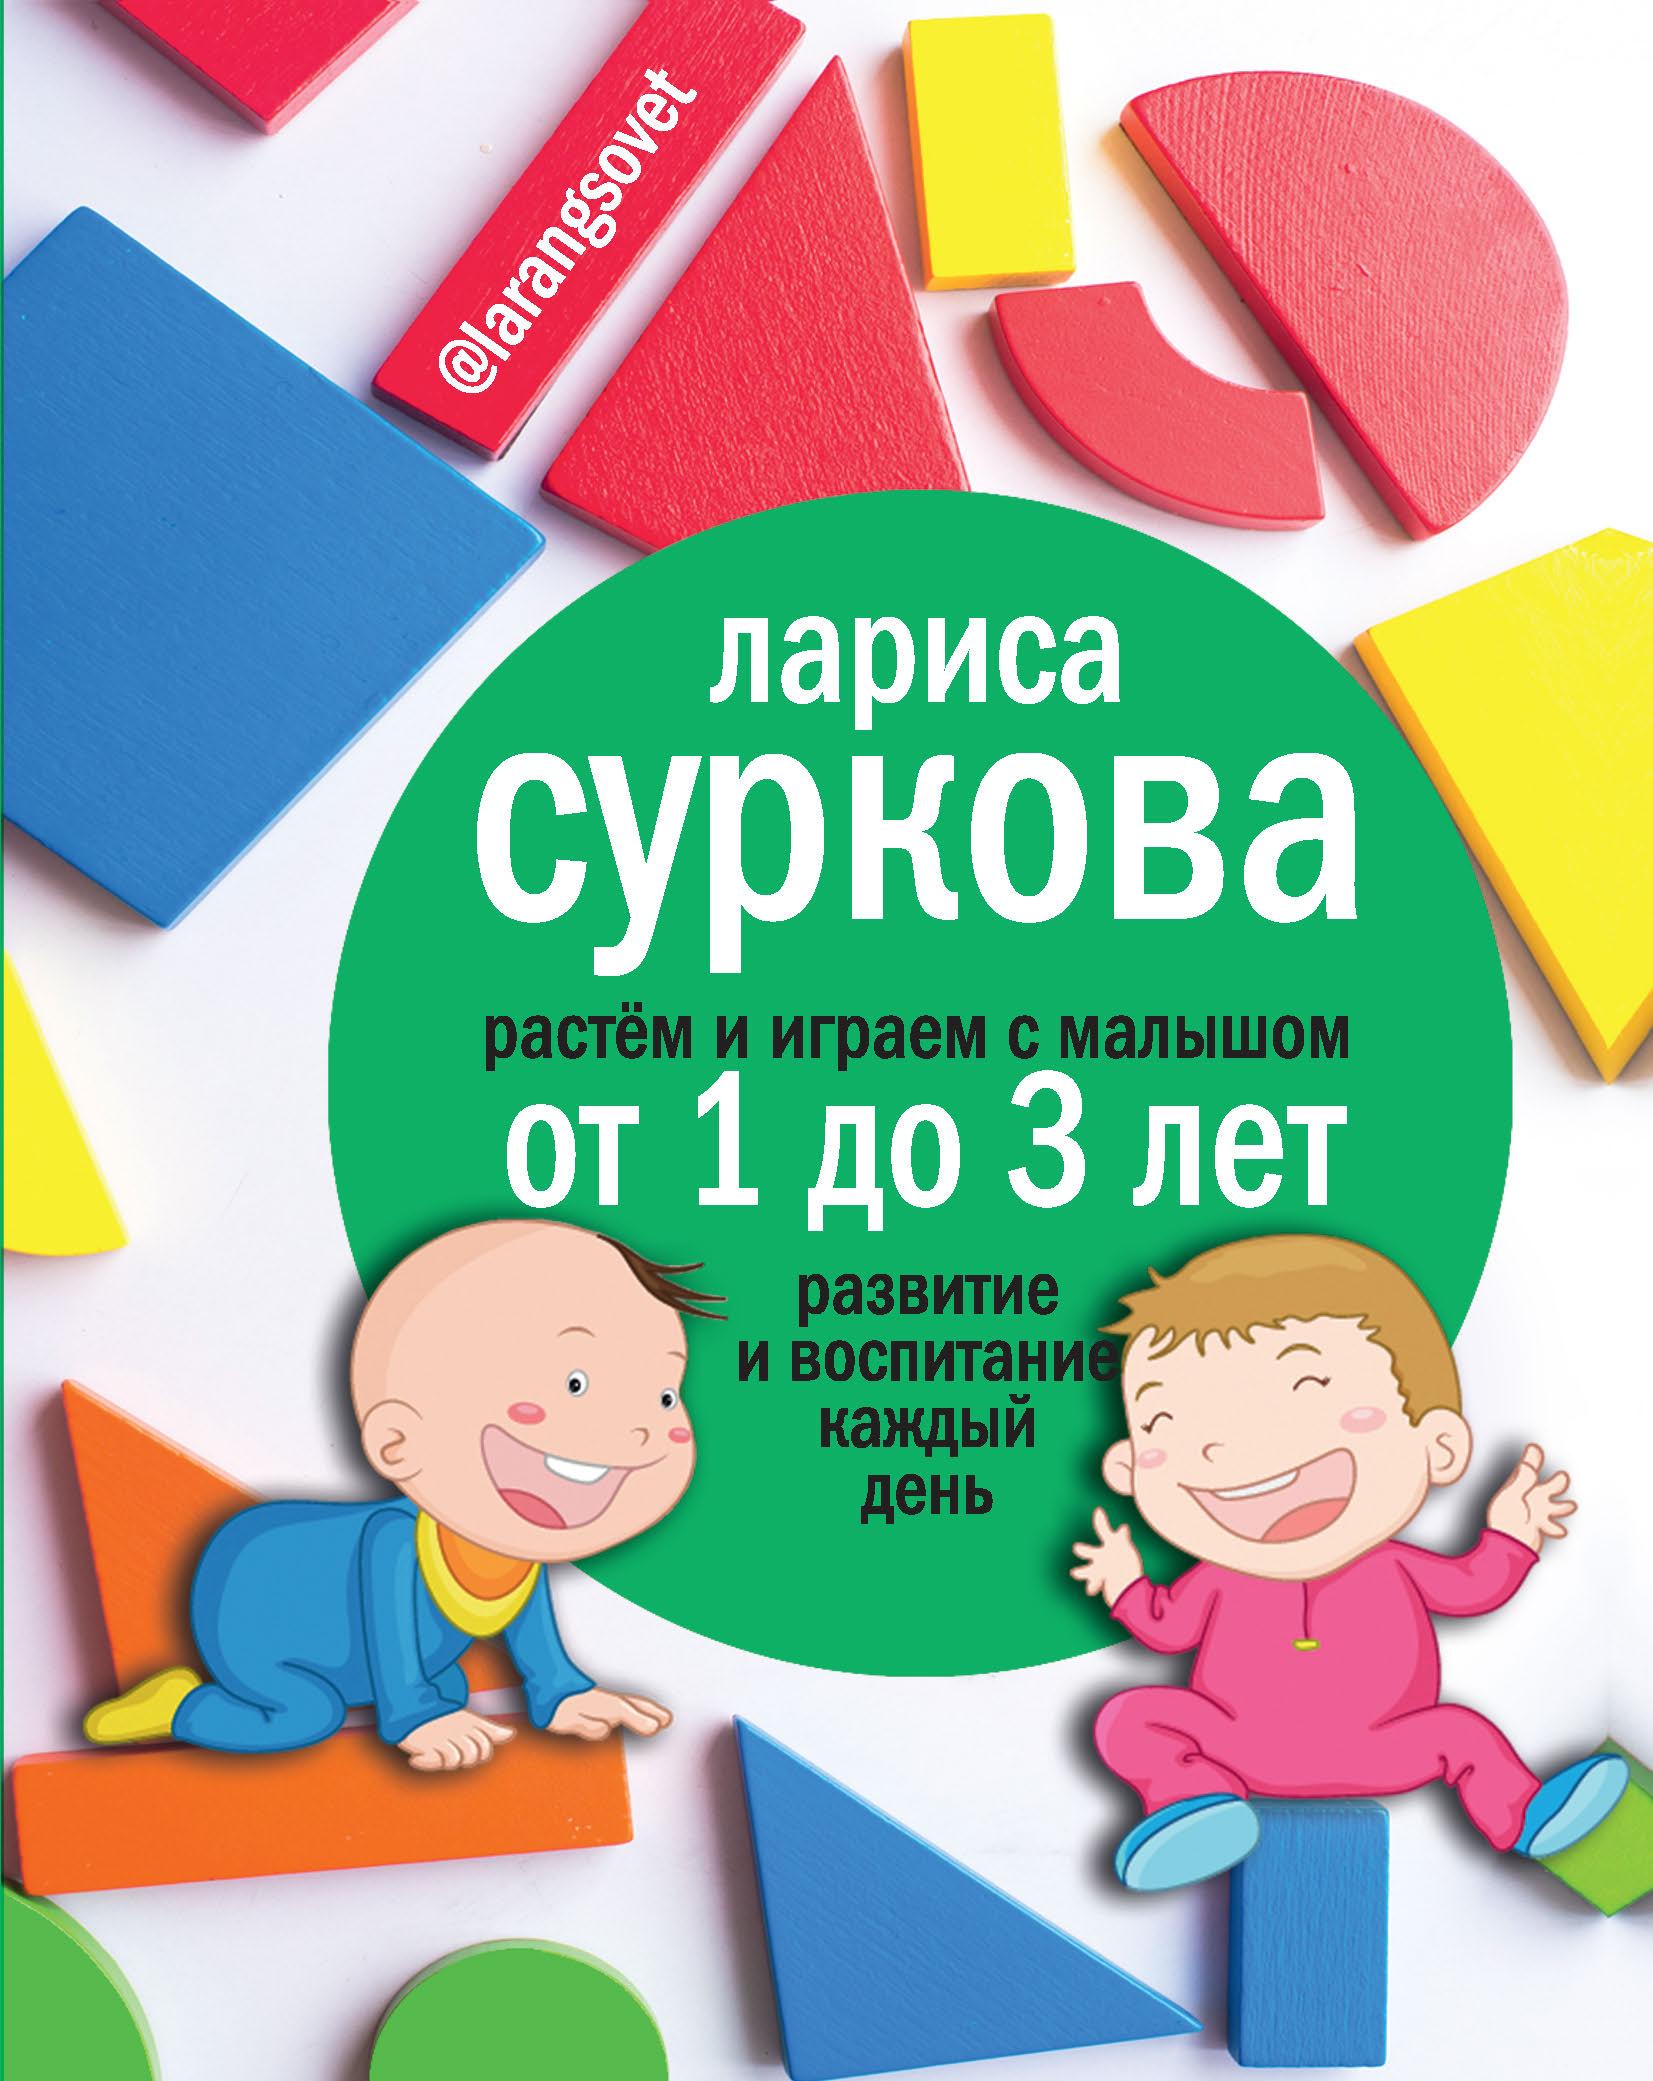 Суркова Лариса Михайловна Растем и играем с малышом от 1 до 3 лет: развитие и воспитание каждый день